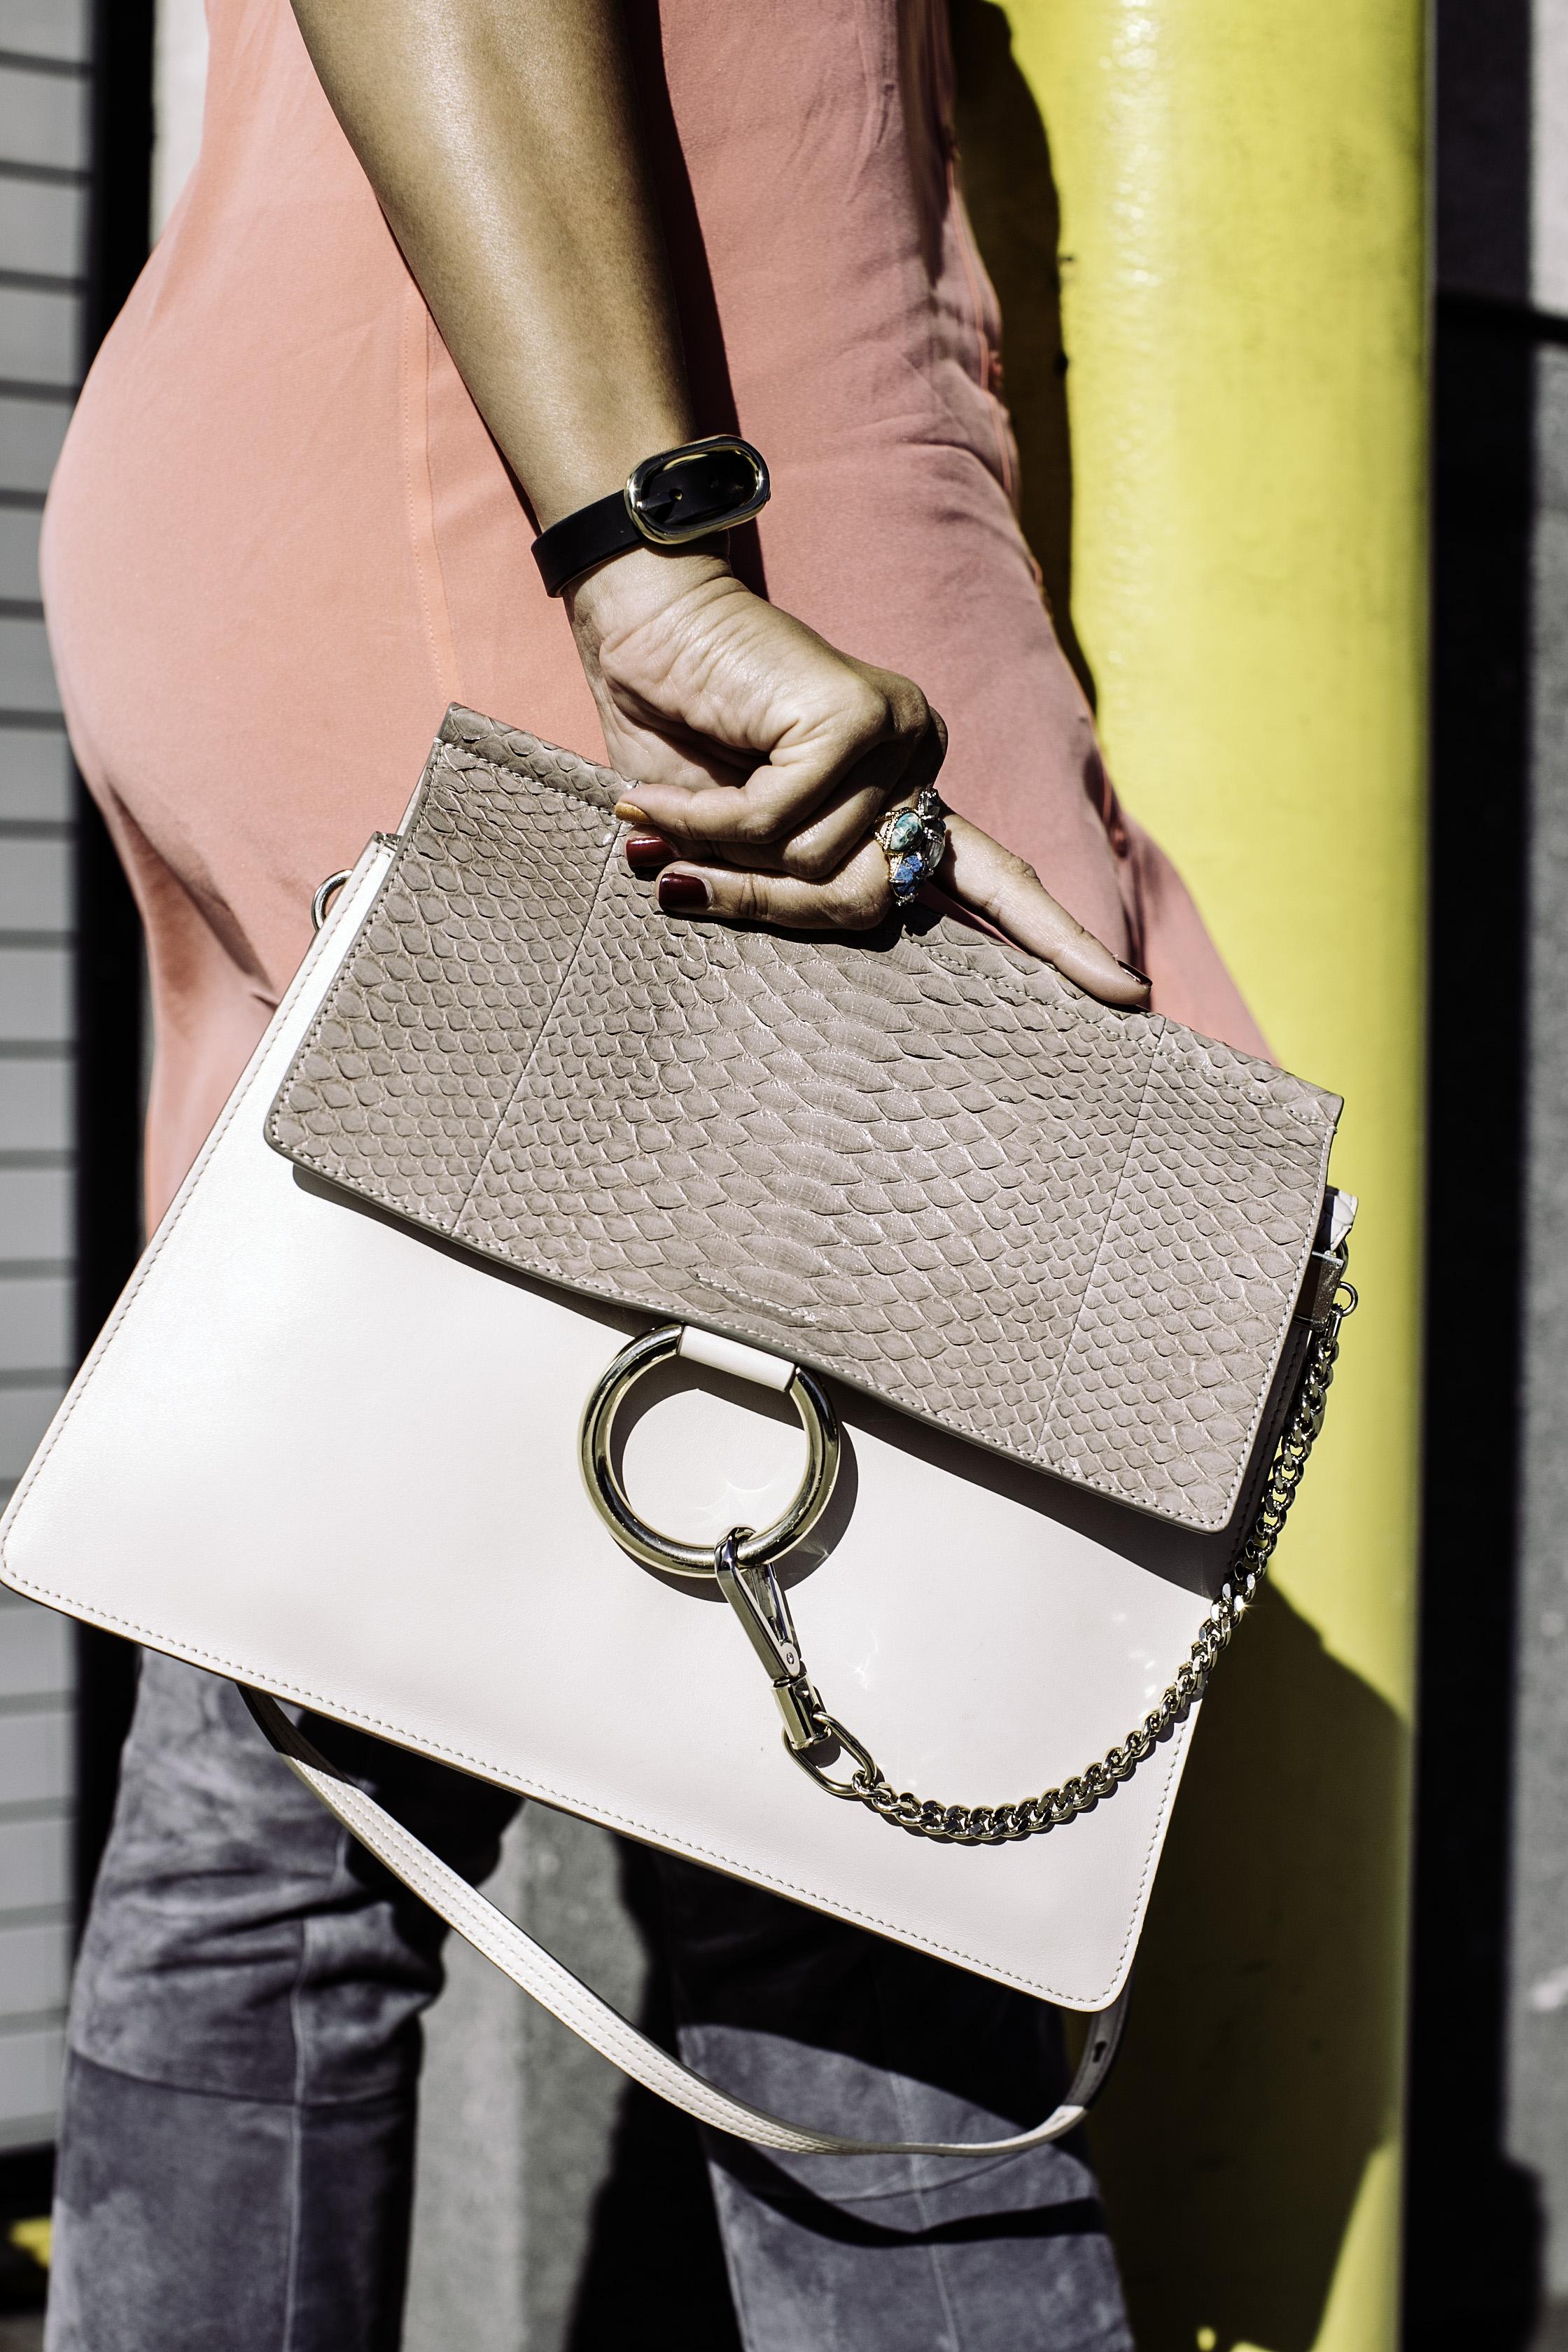 Get this Chloe Bag Look4Less!